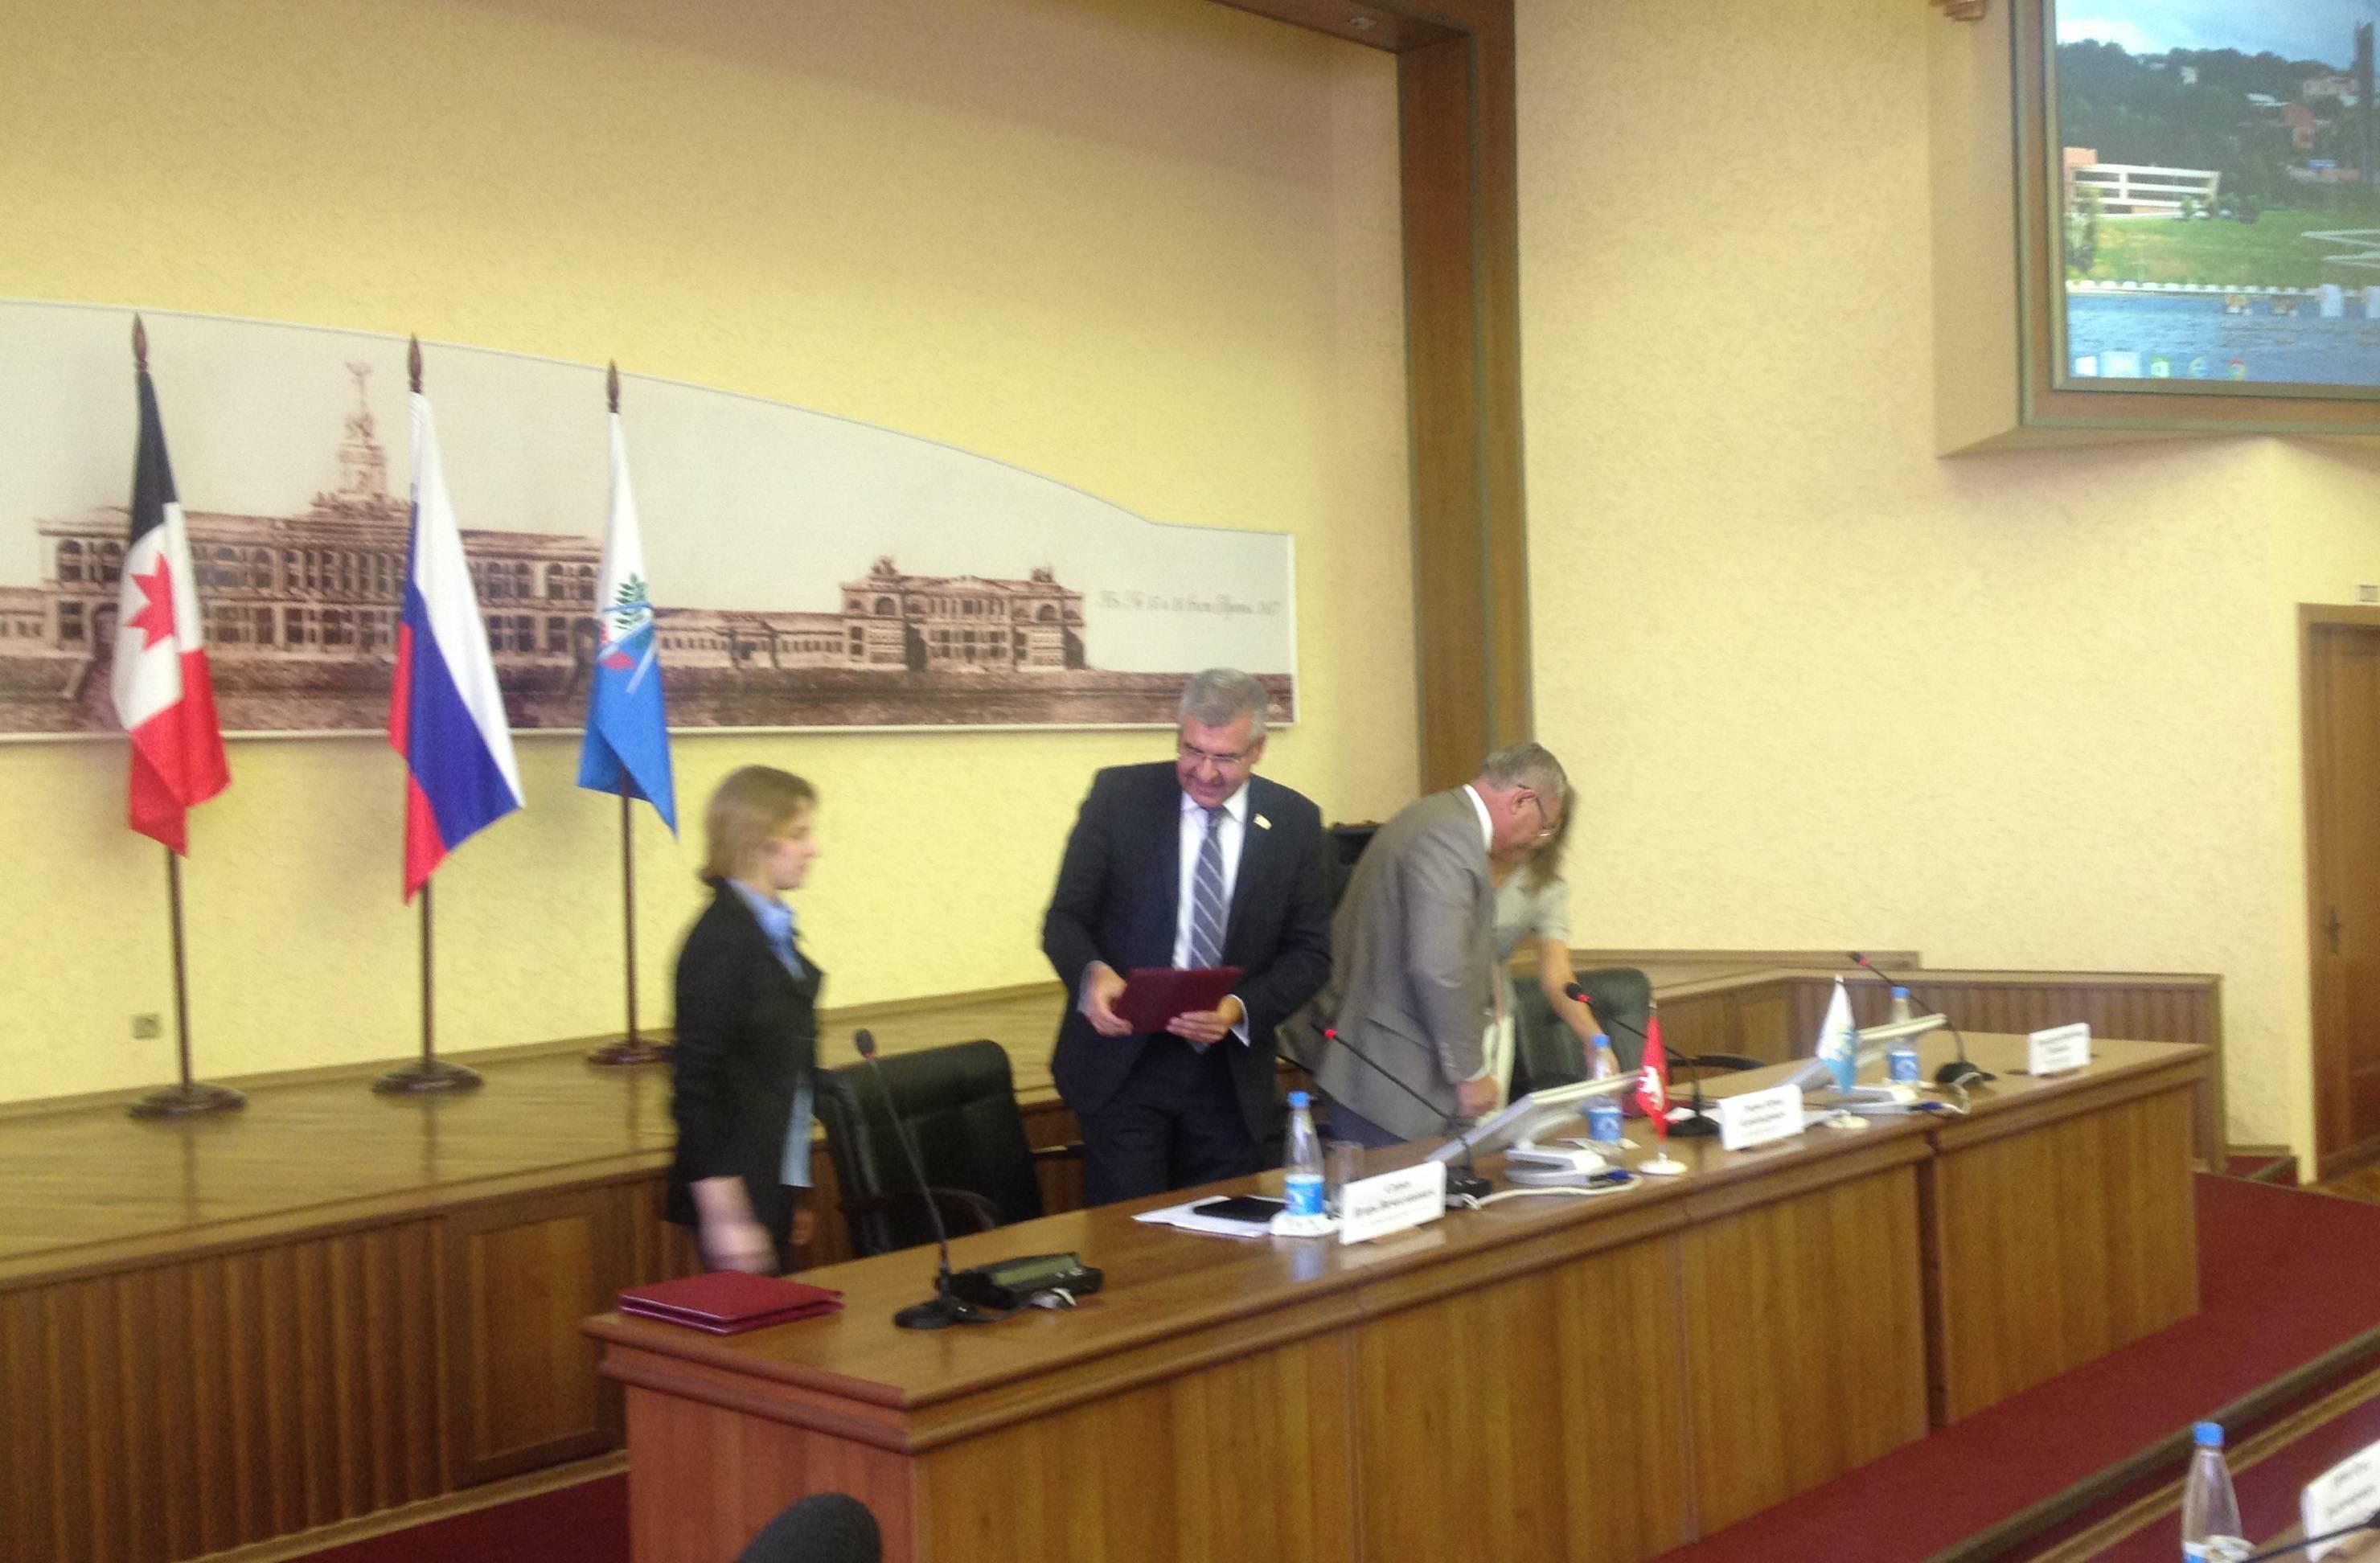 Подписали соглашение — дальше отрегулирует рынок. Фото: © «ДЕНЬ.org»